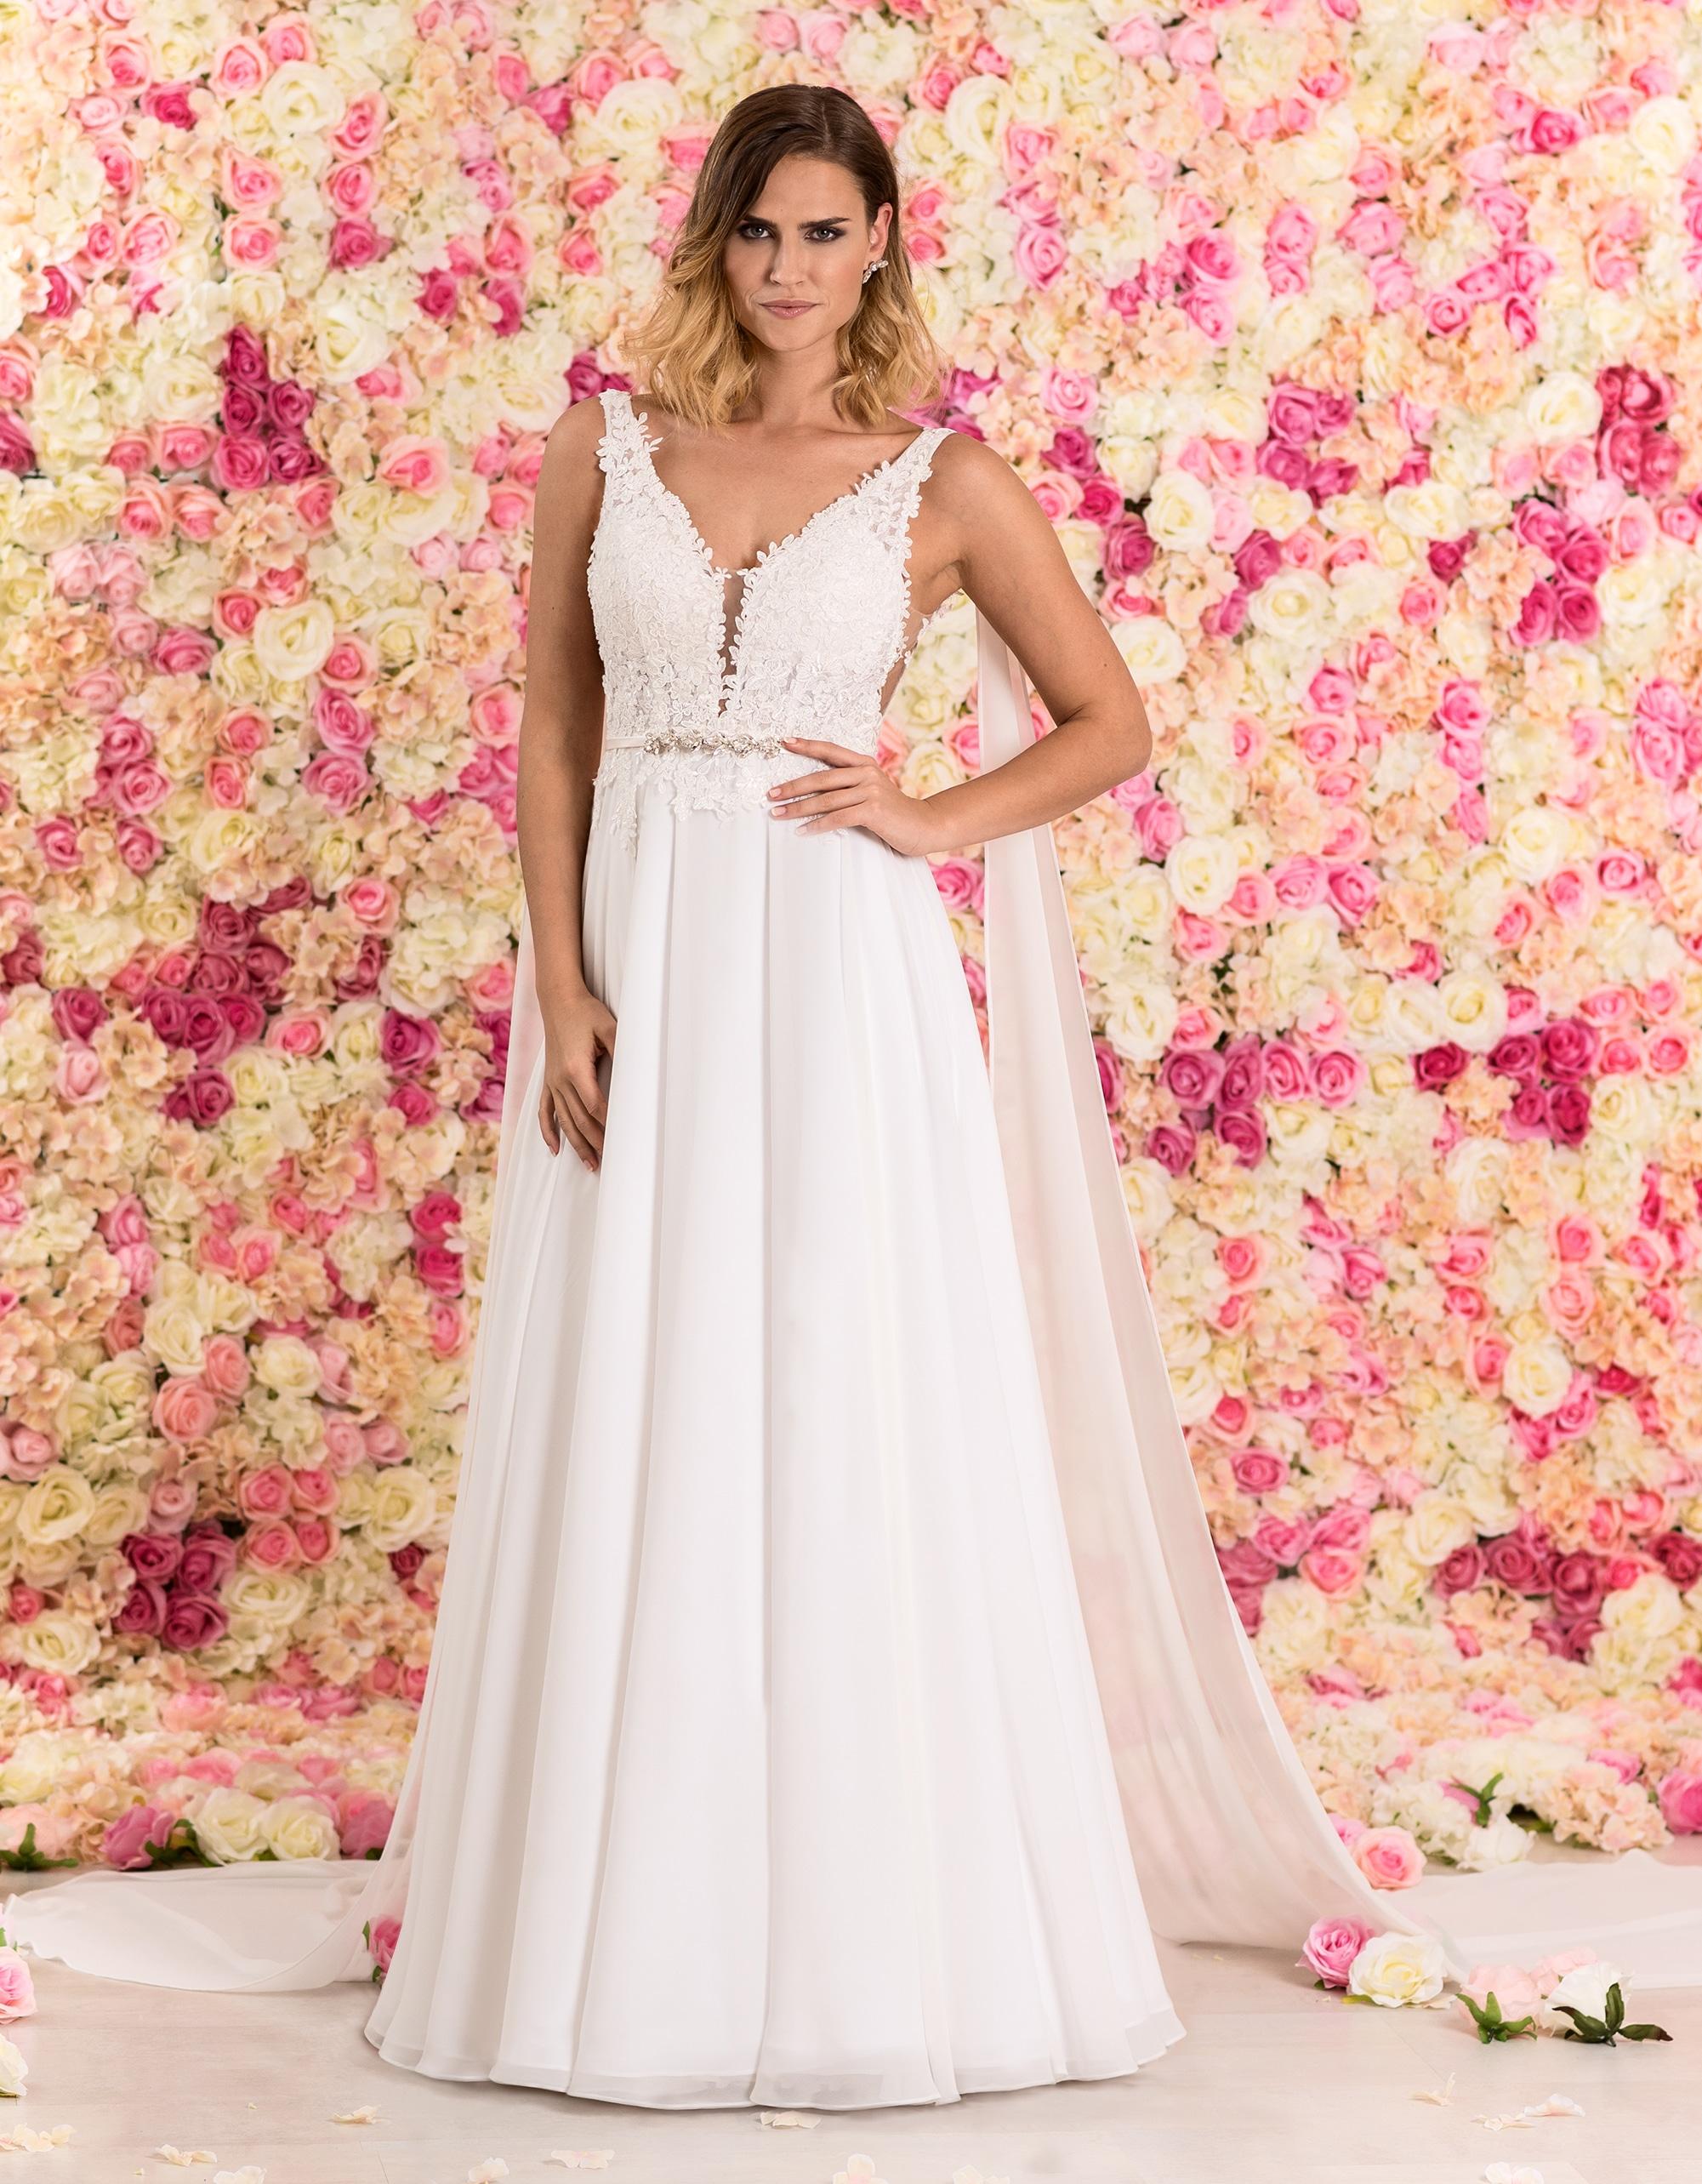 Brautkleid lang aus Spitze & mit tiefem Rückenausschnitt